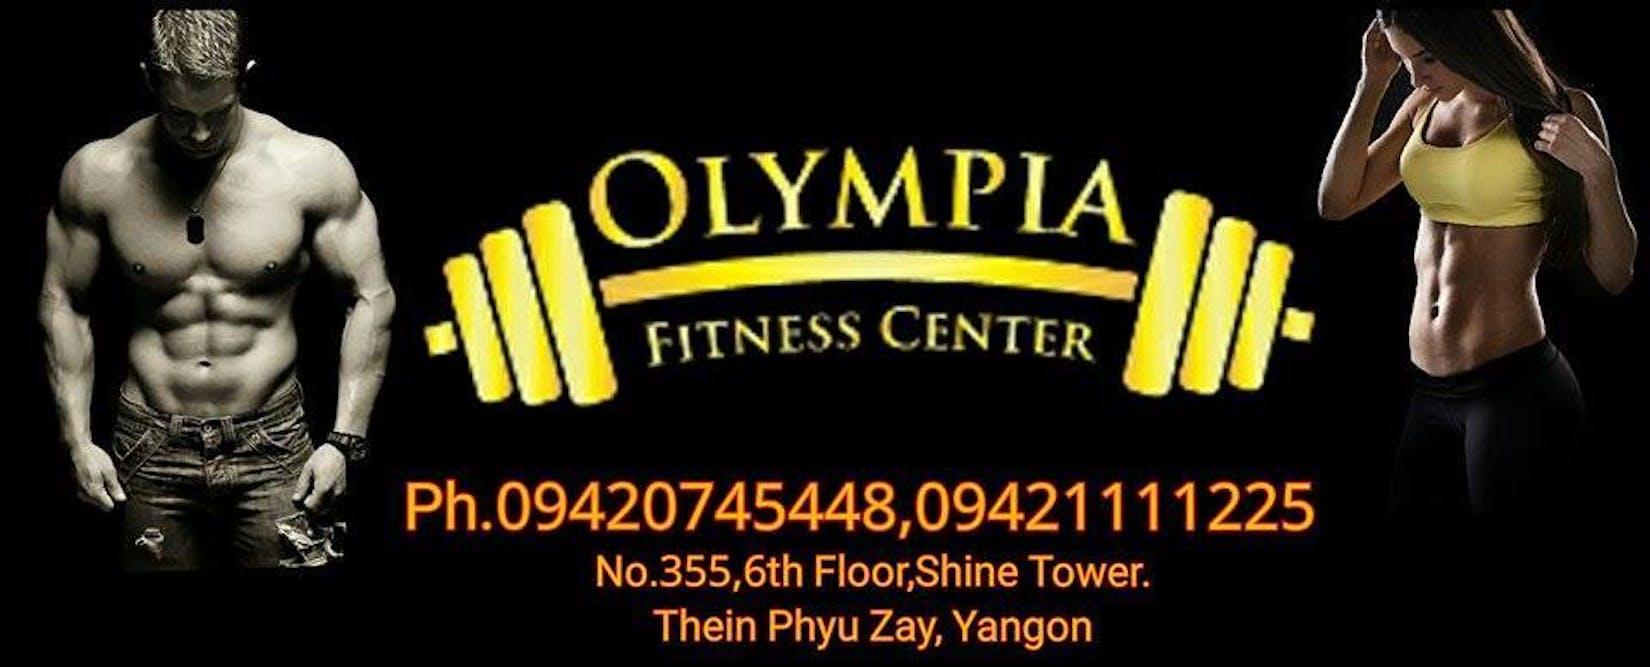 Olympia Fitness Centre | Beauty